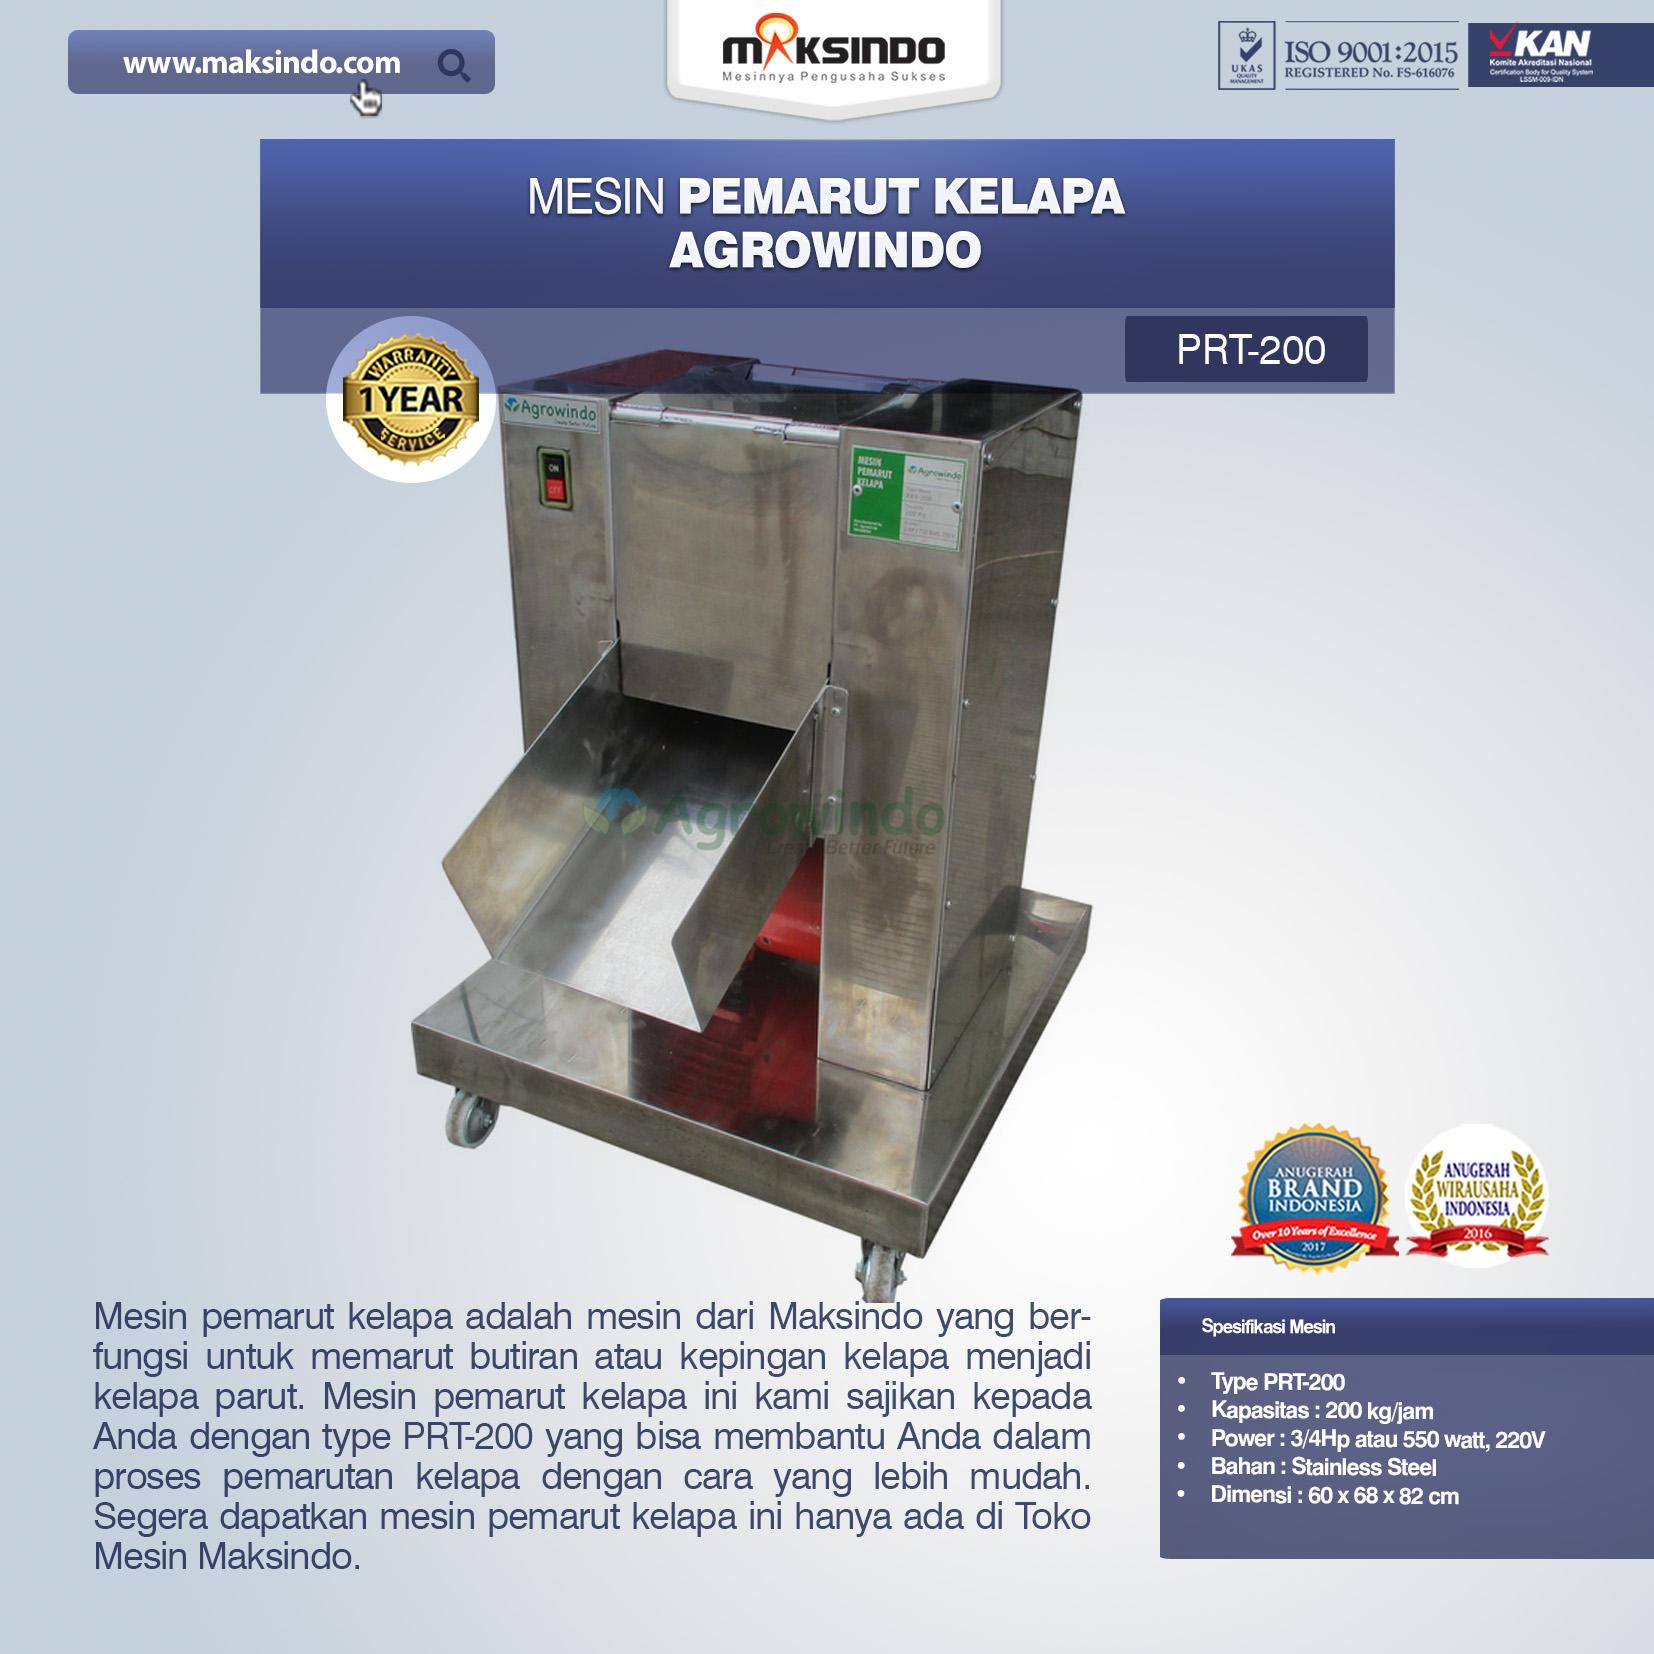 Jual Mesin Pemarut Kelapa PRT-200 Di Bekasi